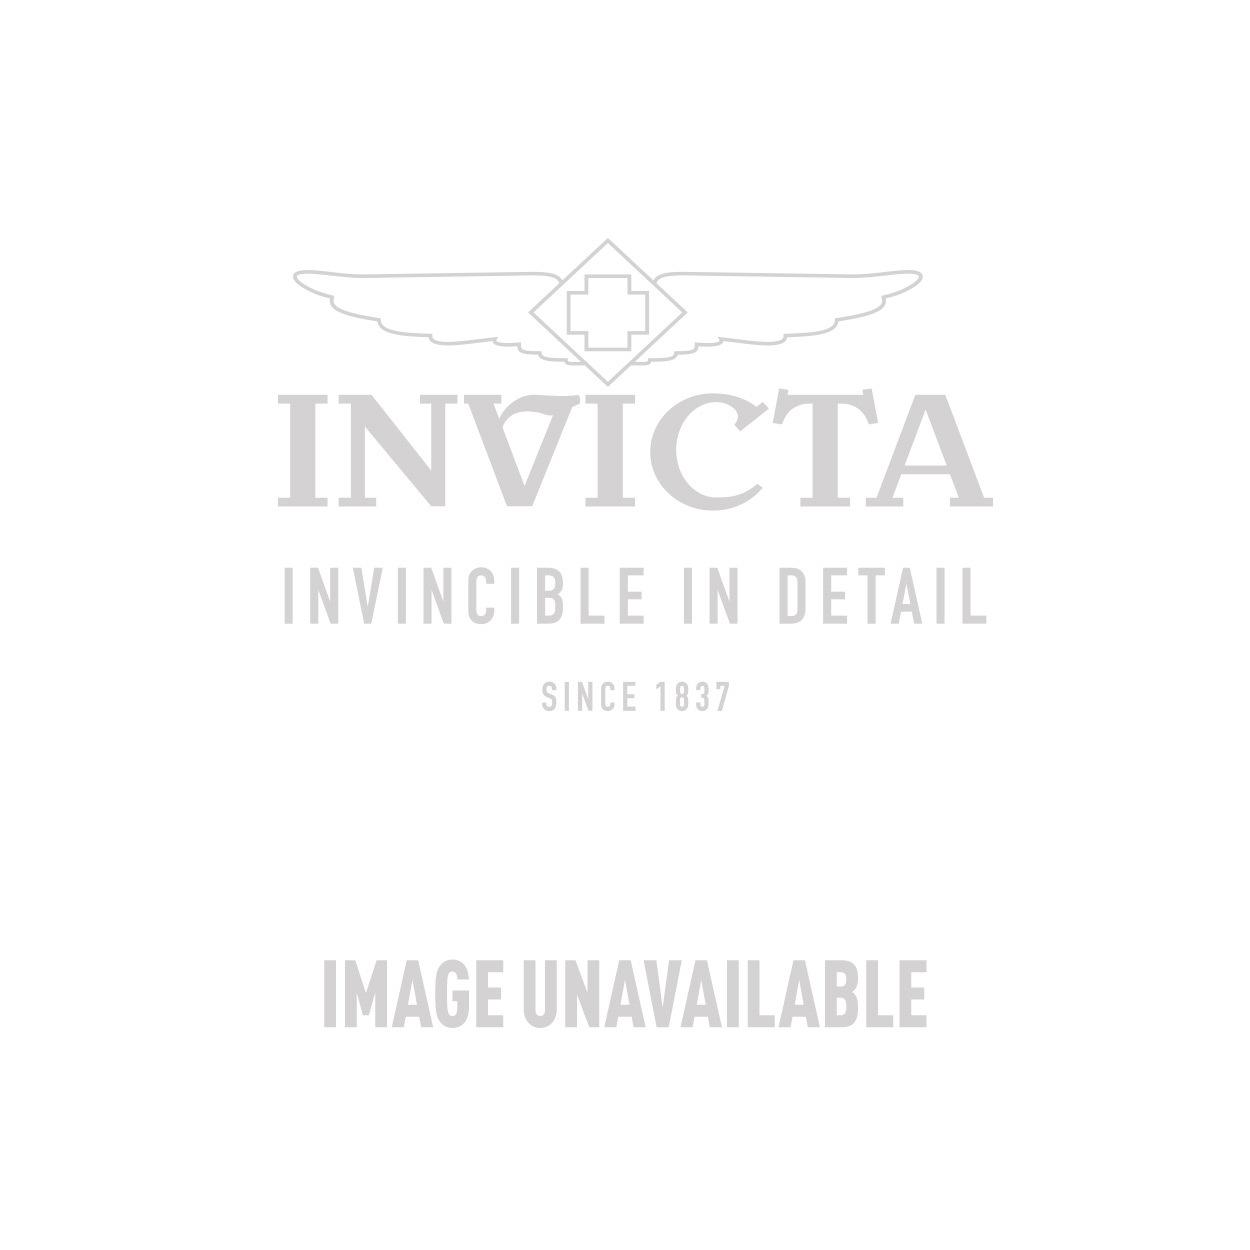 Invicta Model 29387